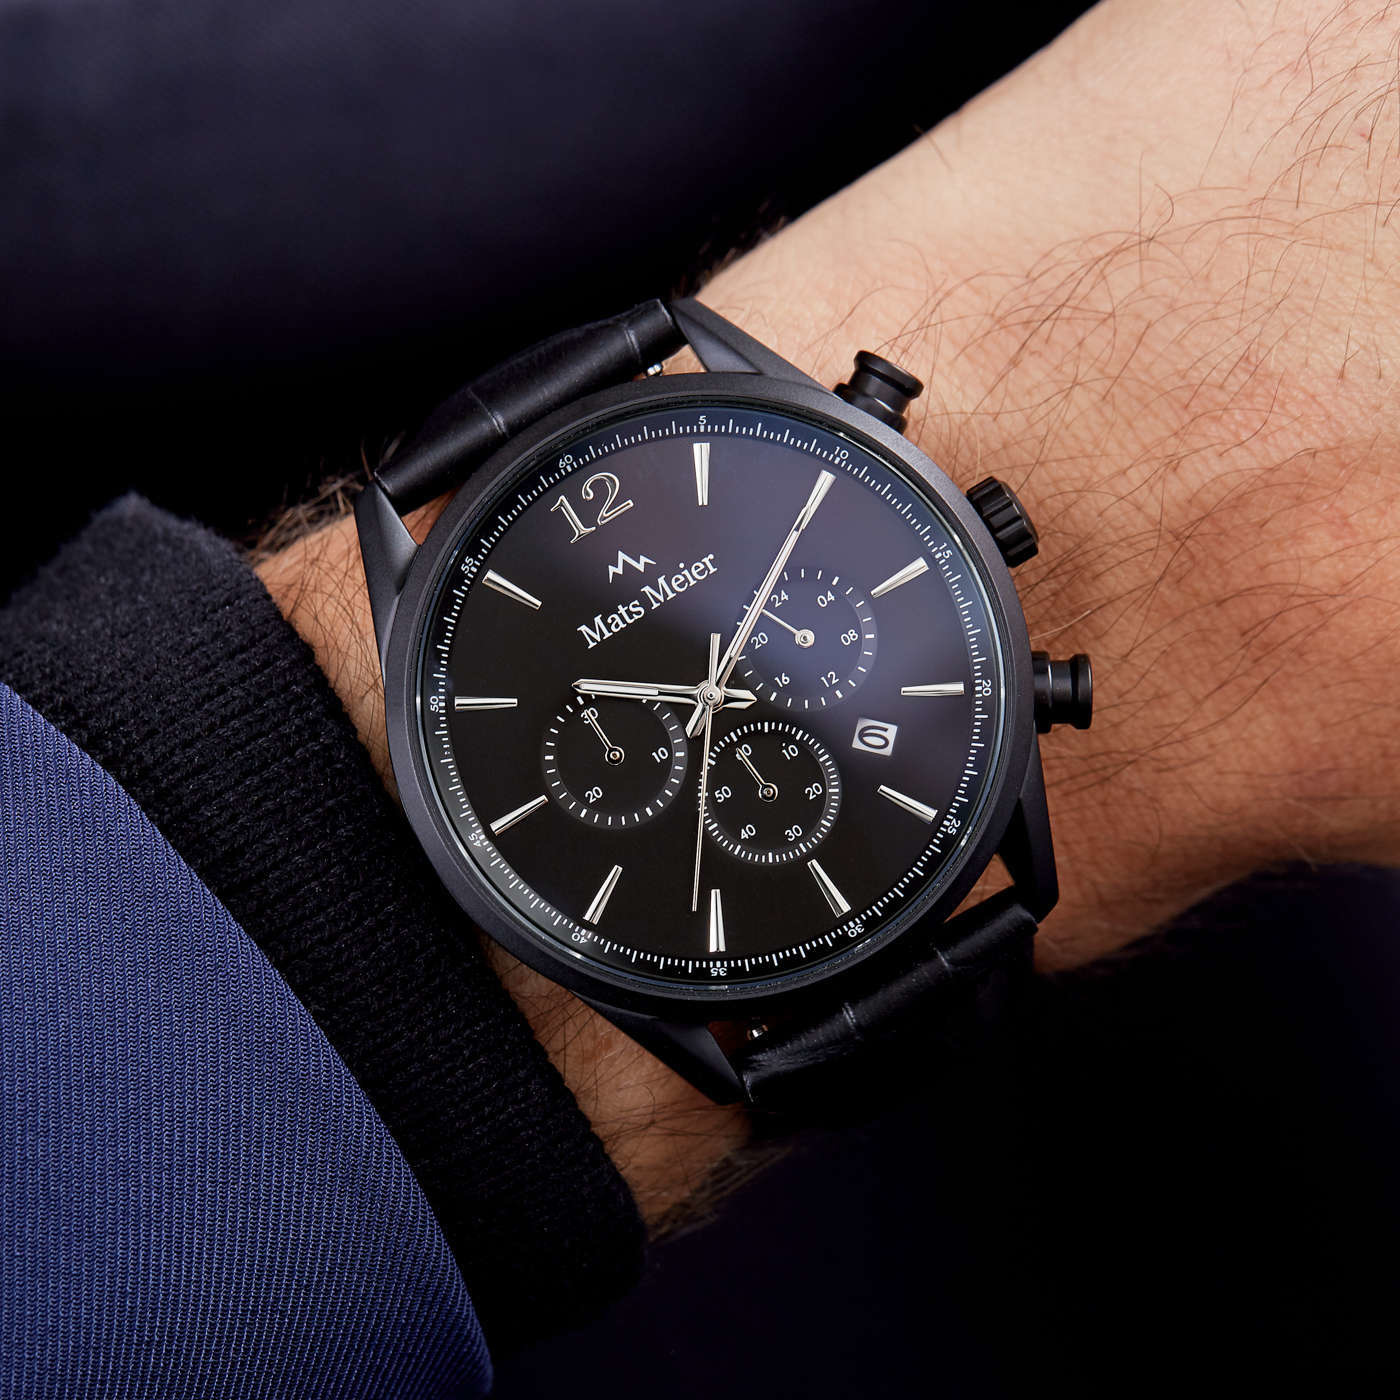 Mats Meier Grand Cornier chronograph watch matte black